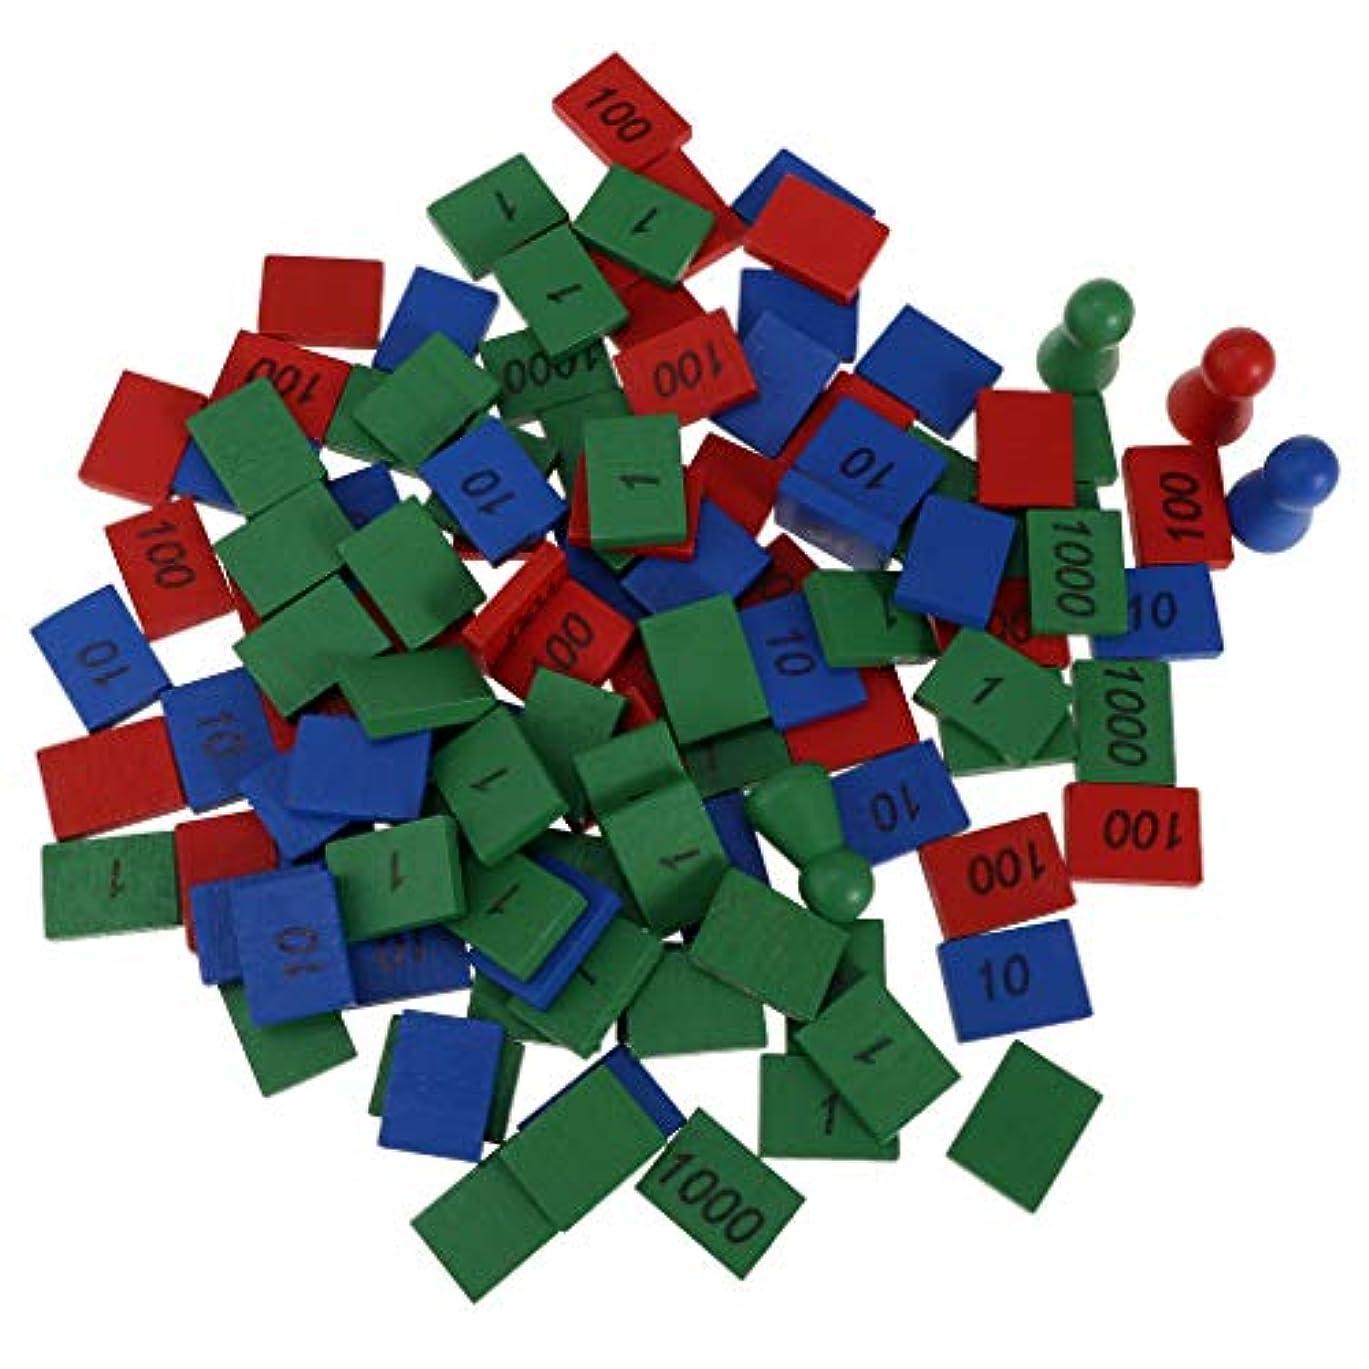 華氏妥協死すべきおもちゃ カラフルな 数学 子供たち 教育用 木製ラウンドヘッドコーン